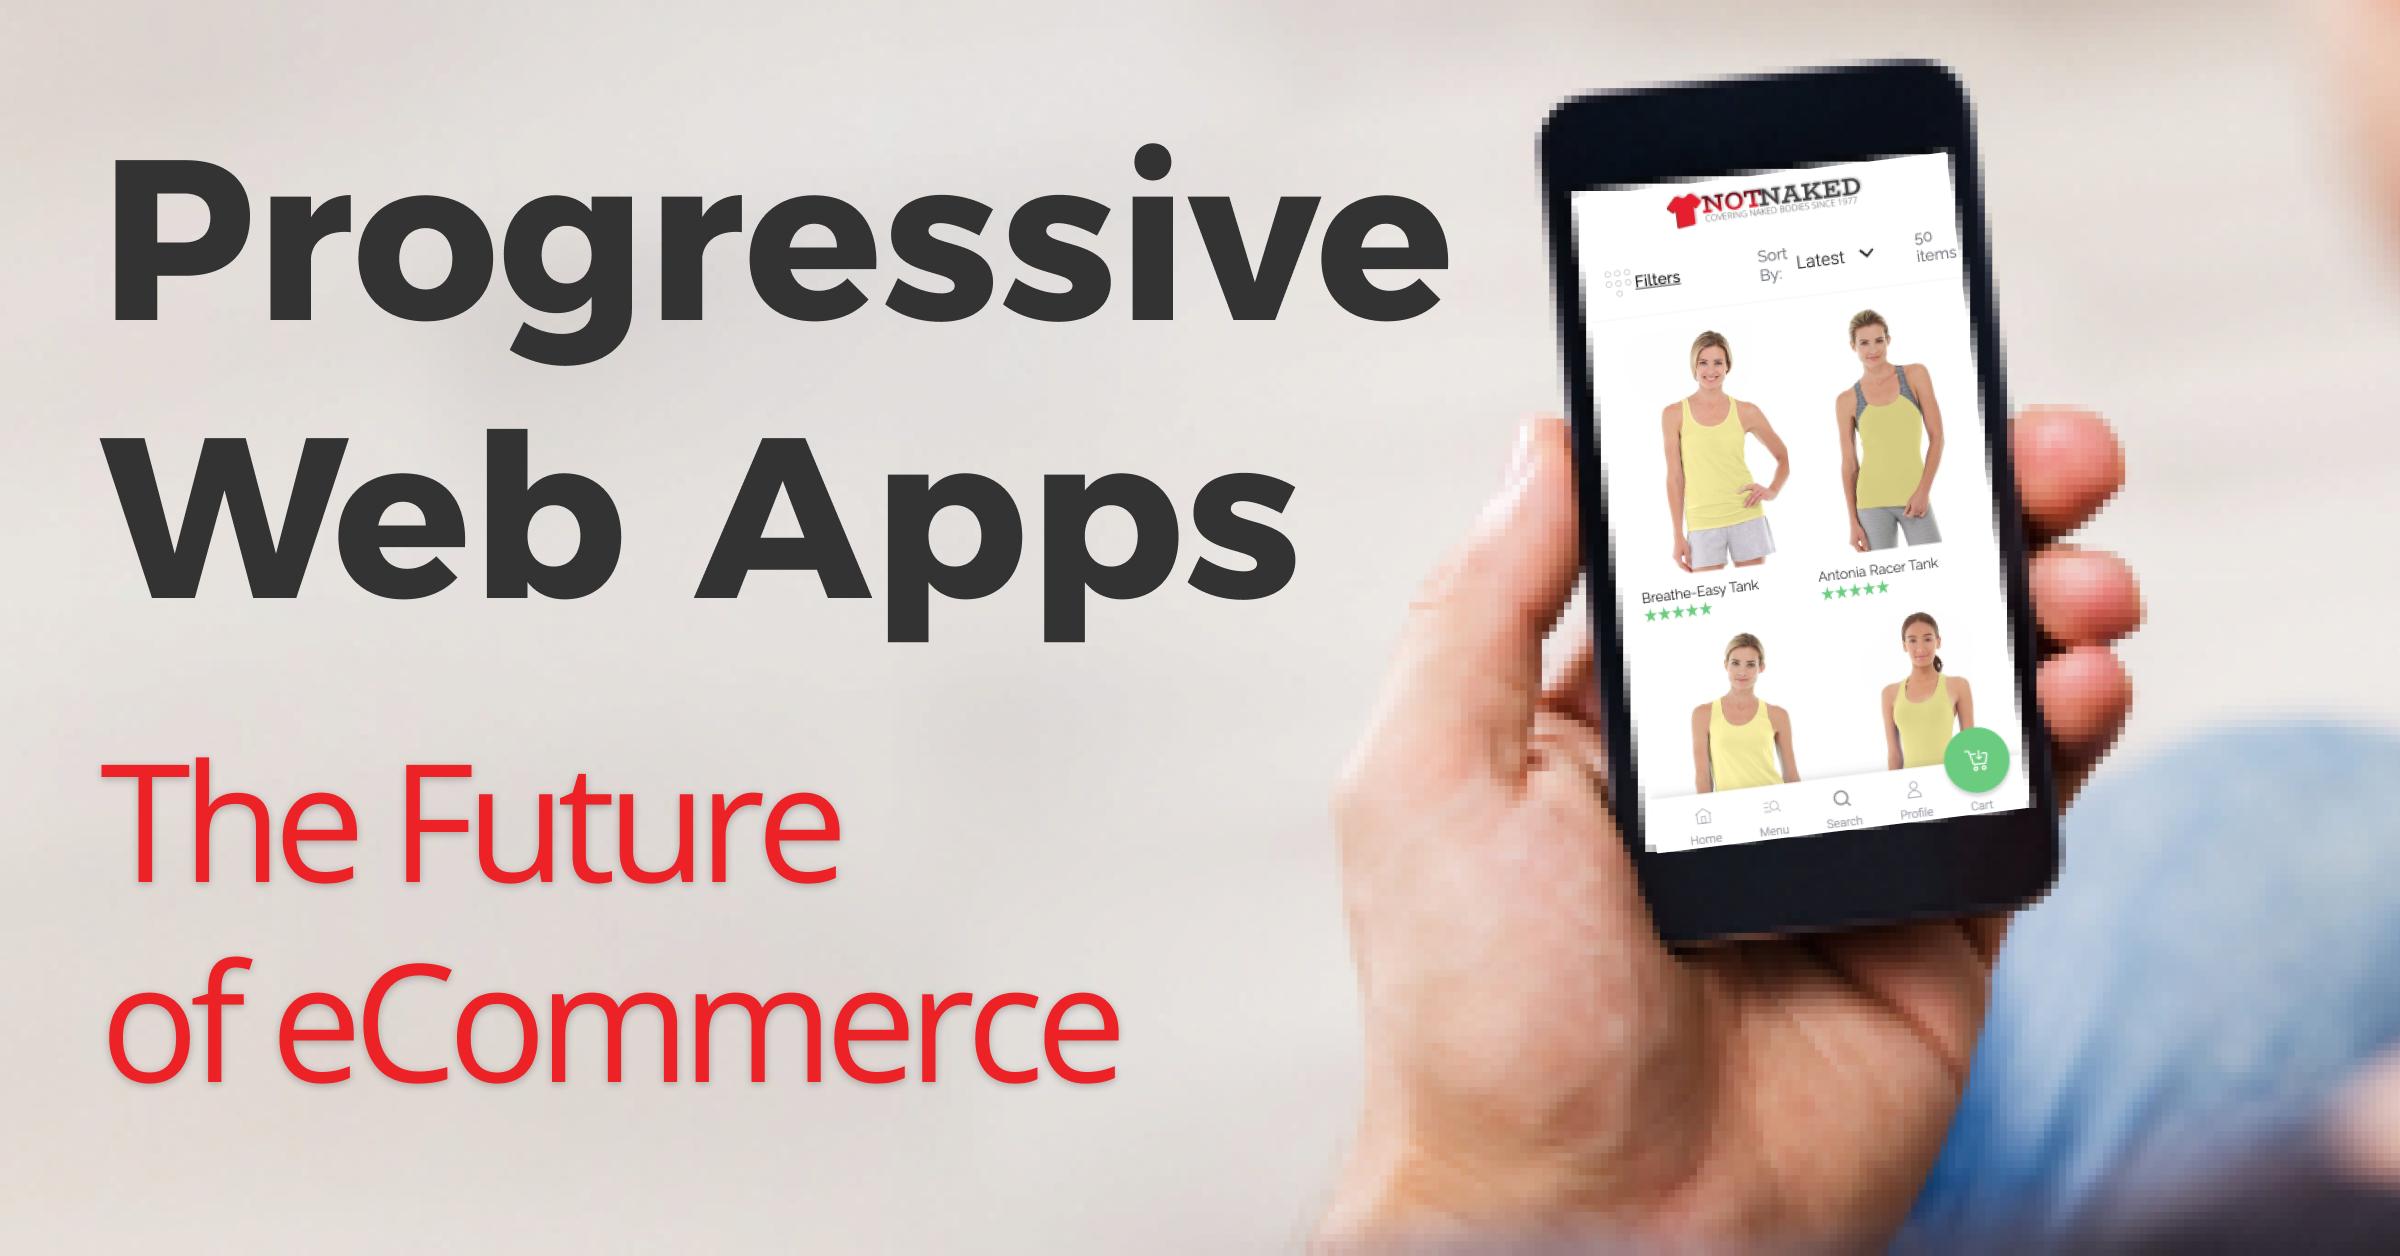 Progressive Web Apps: The Future of eCommerce